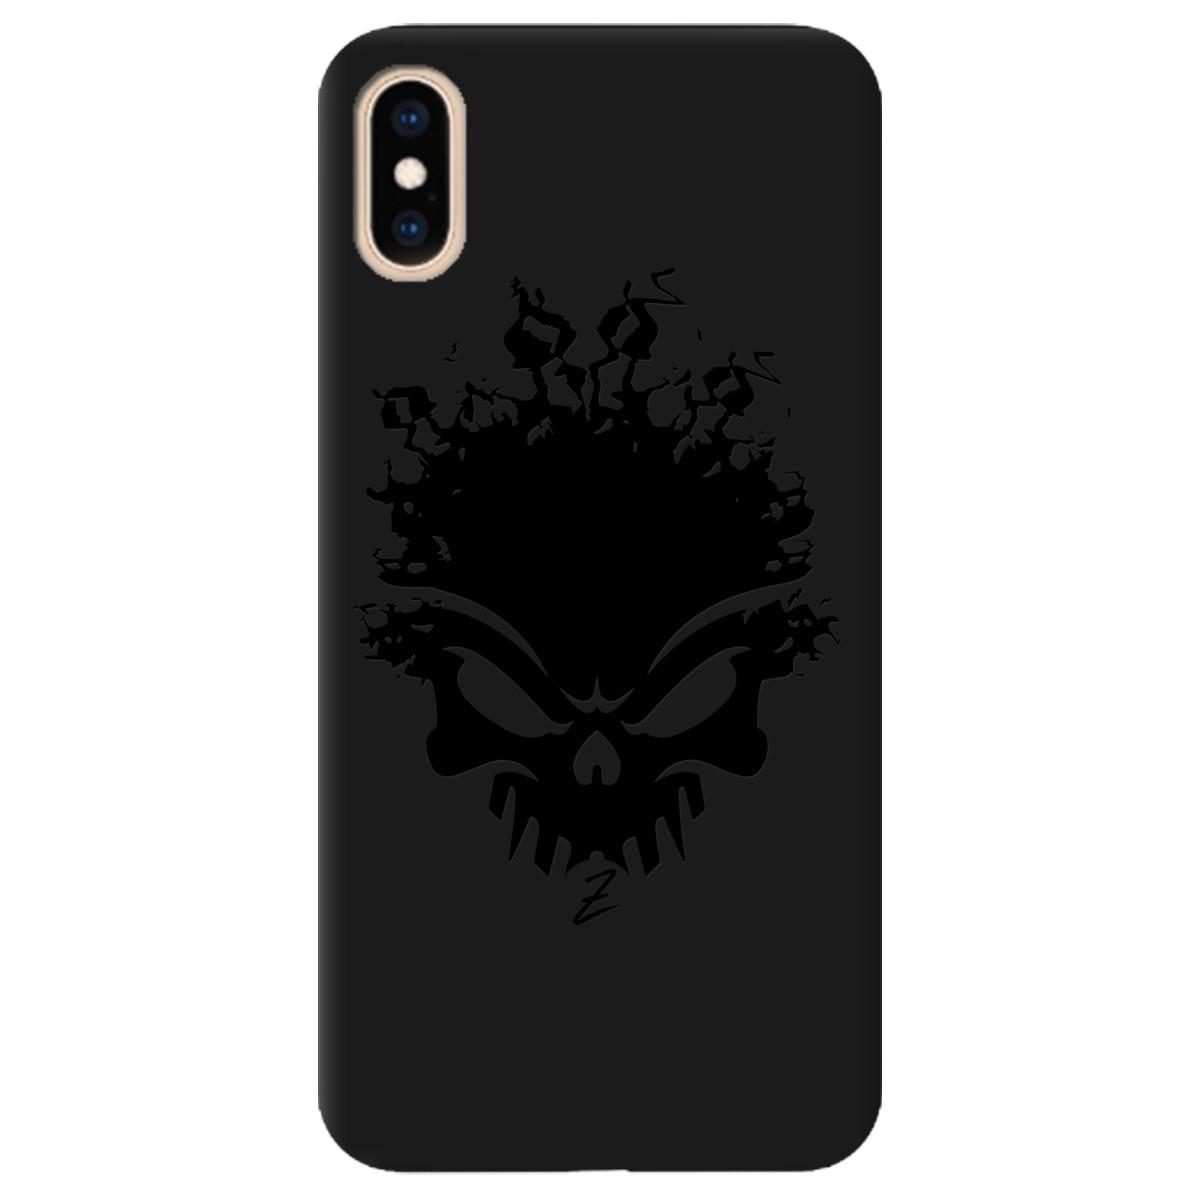 Чохол для Apple iPhone XS Max чорний матовий soft touch Ugolek